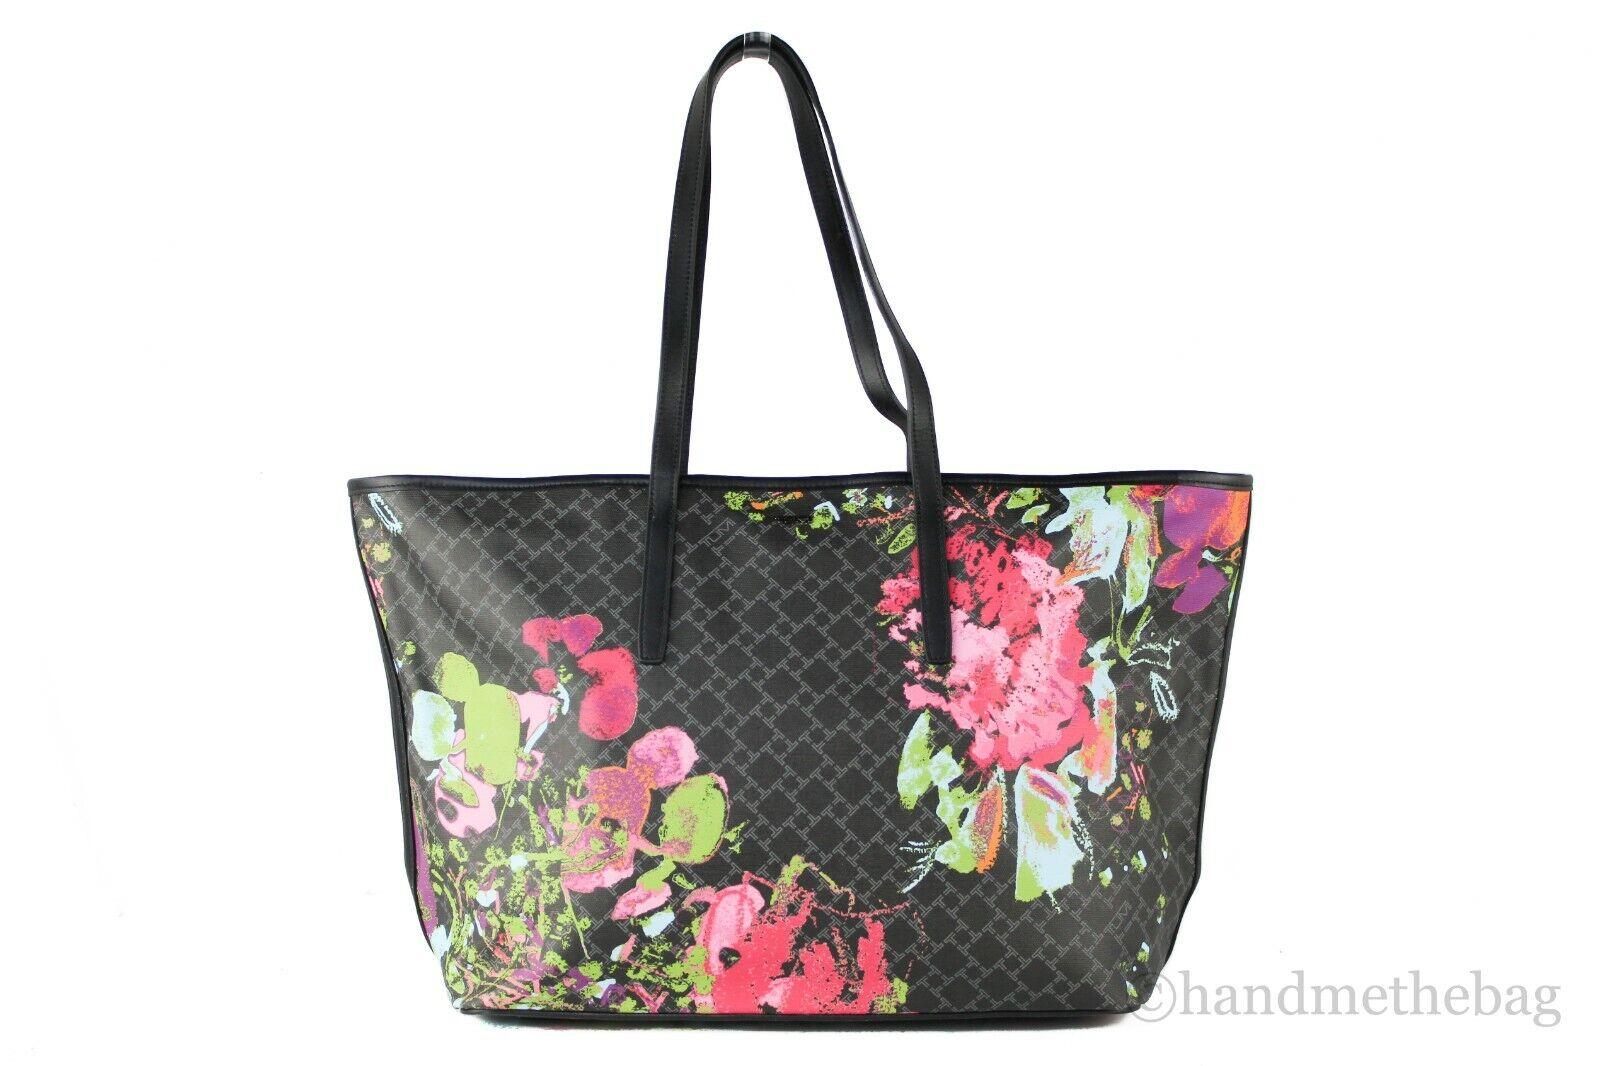 Tumi Everyday Large Coated Canvas Leather Shoulder Tote Bag Carryall Handbag Black Floral